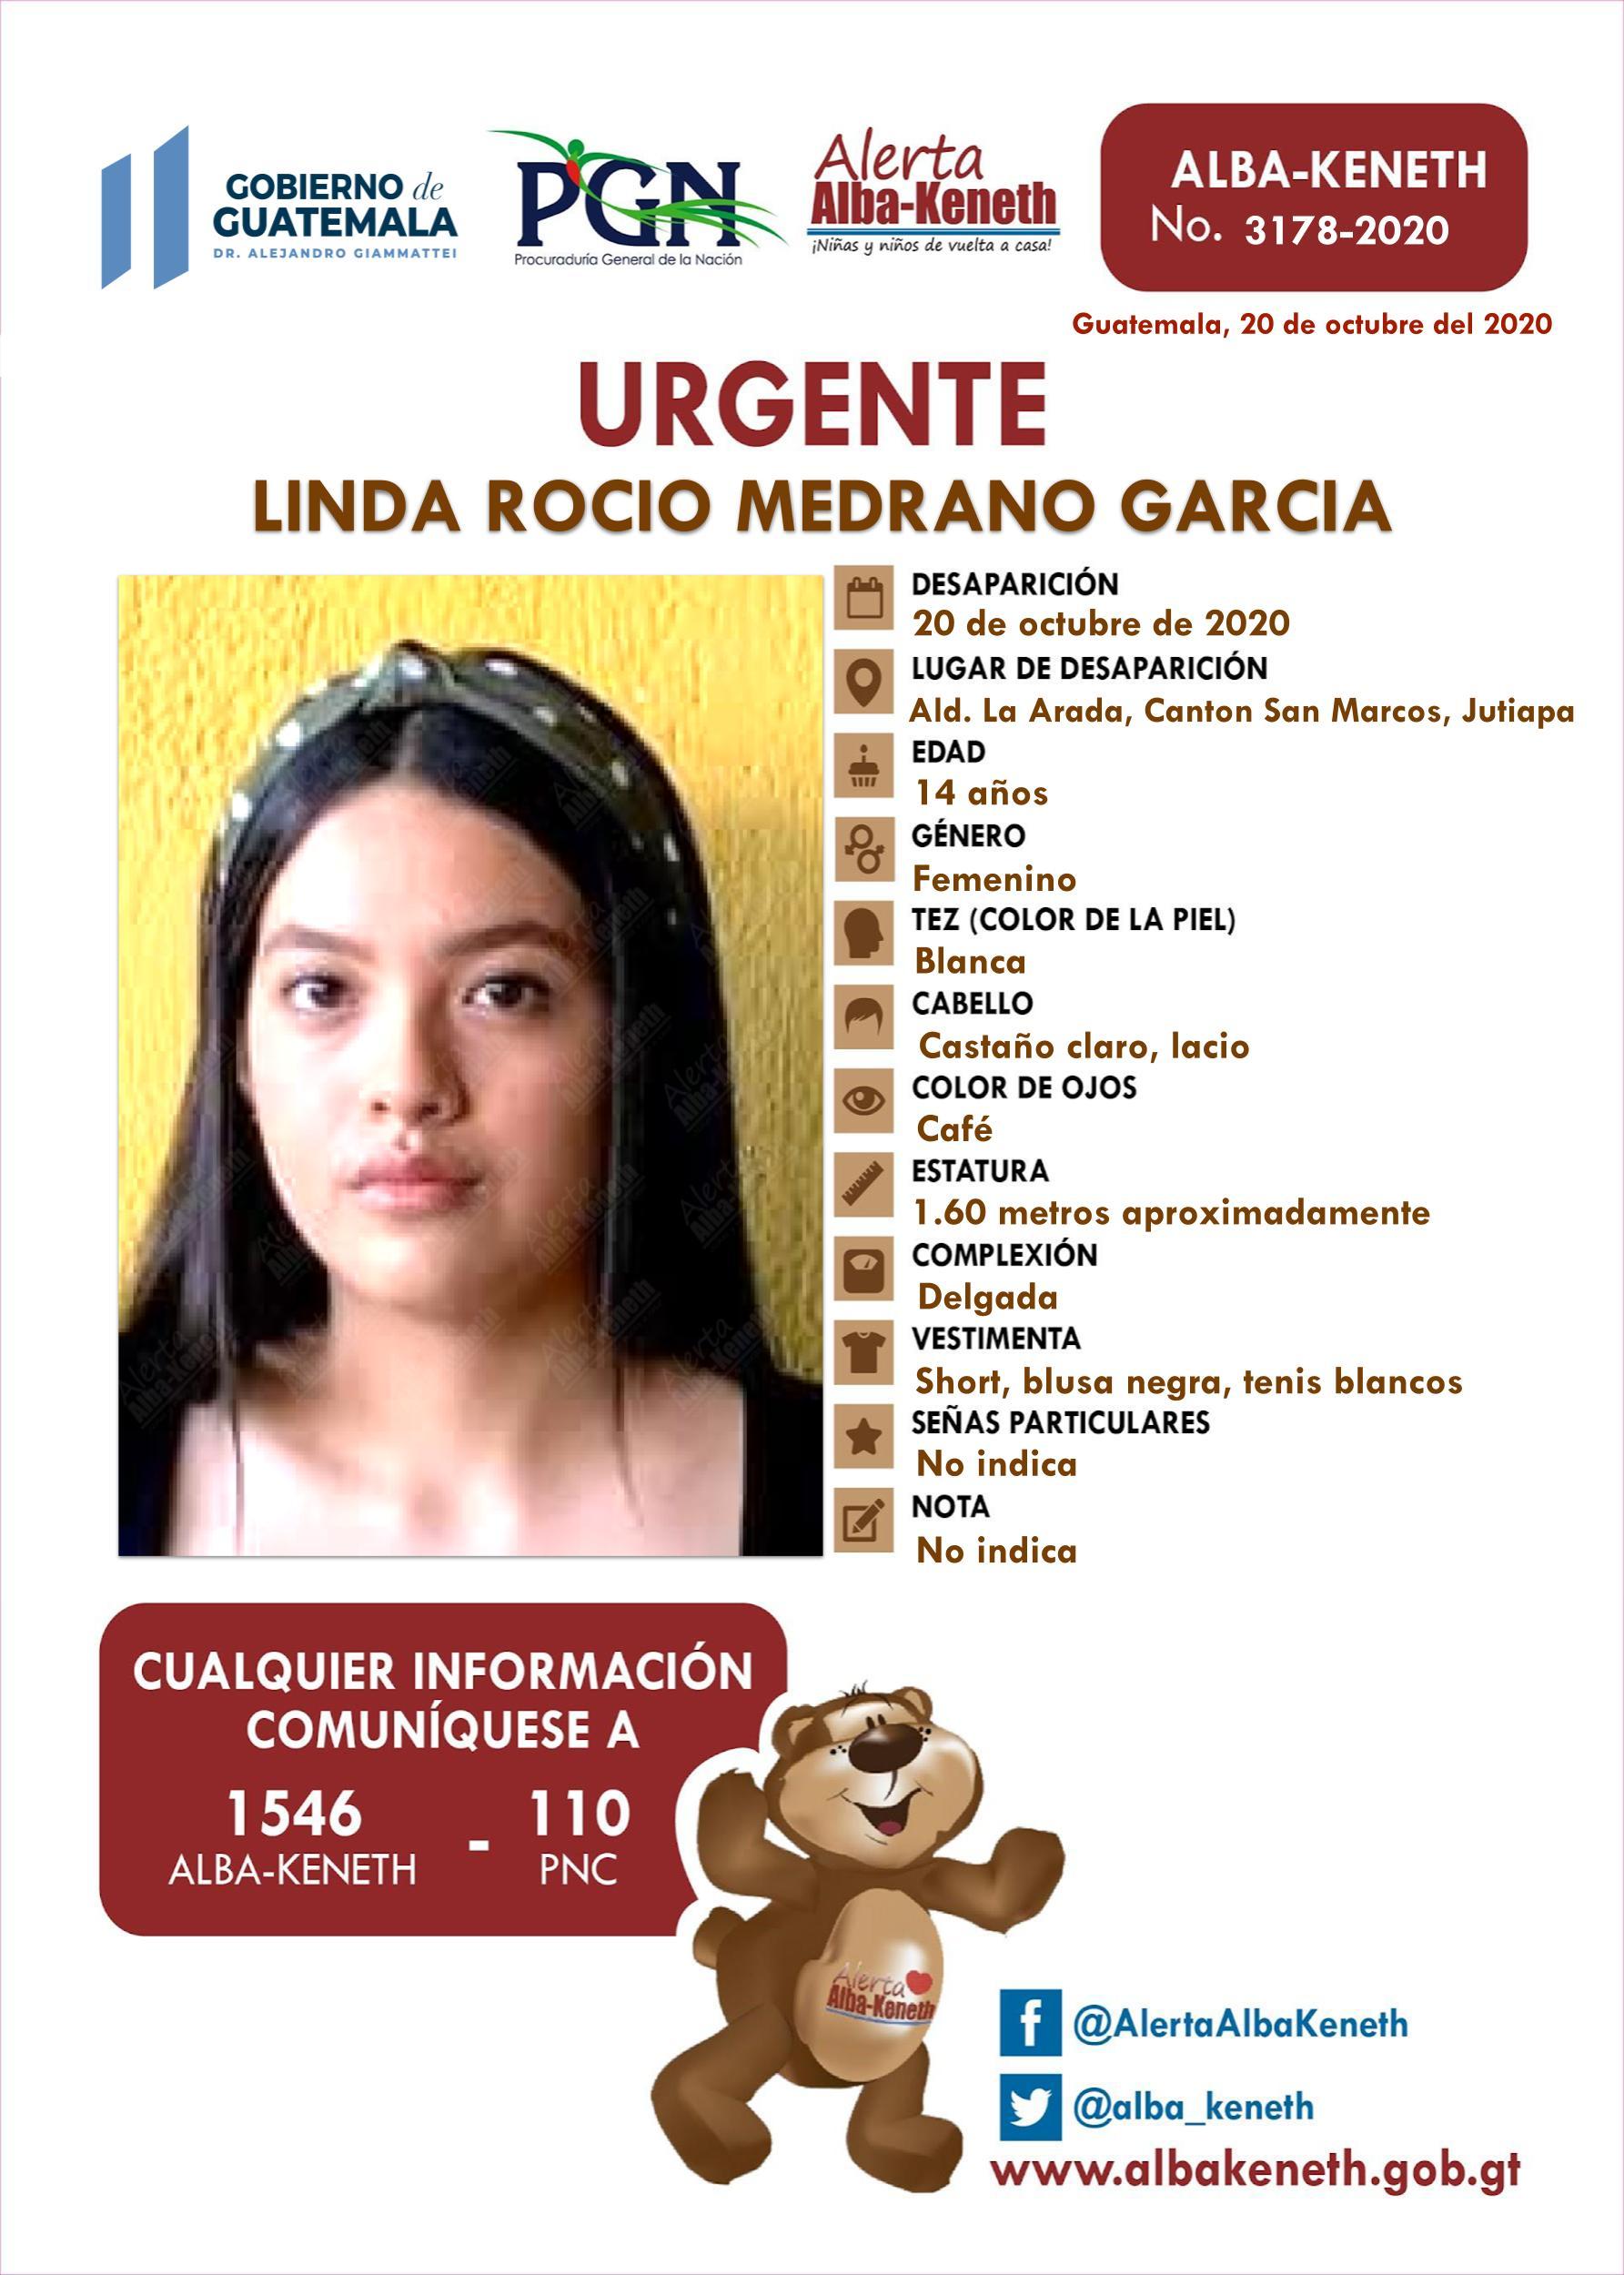 Linda Rocio Medrano Garcia